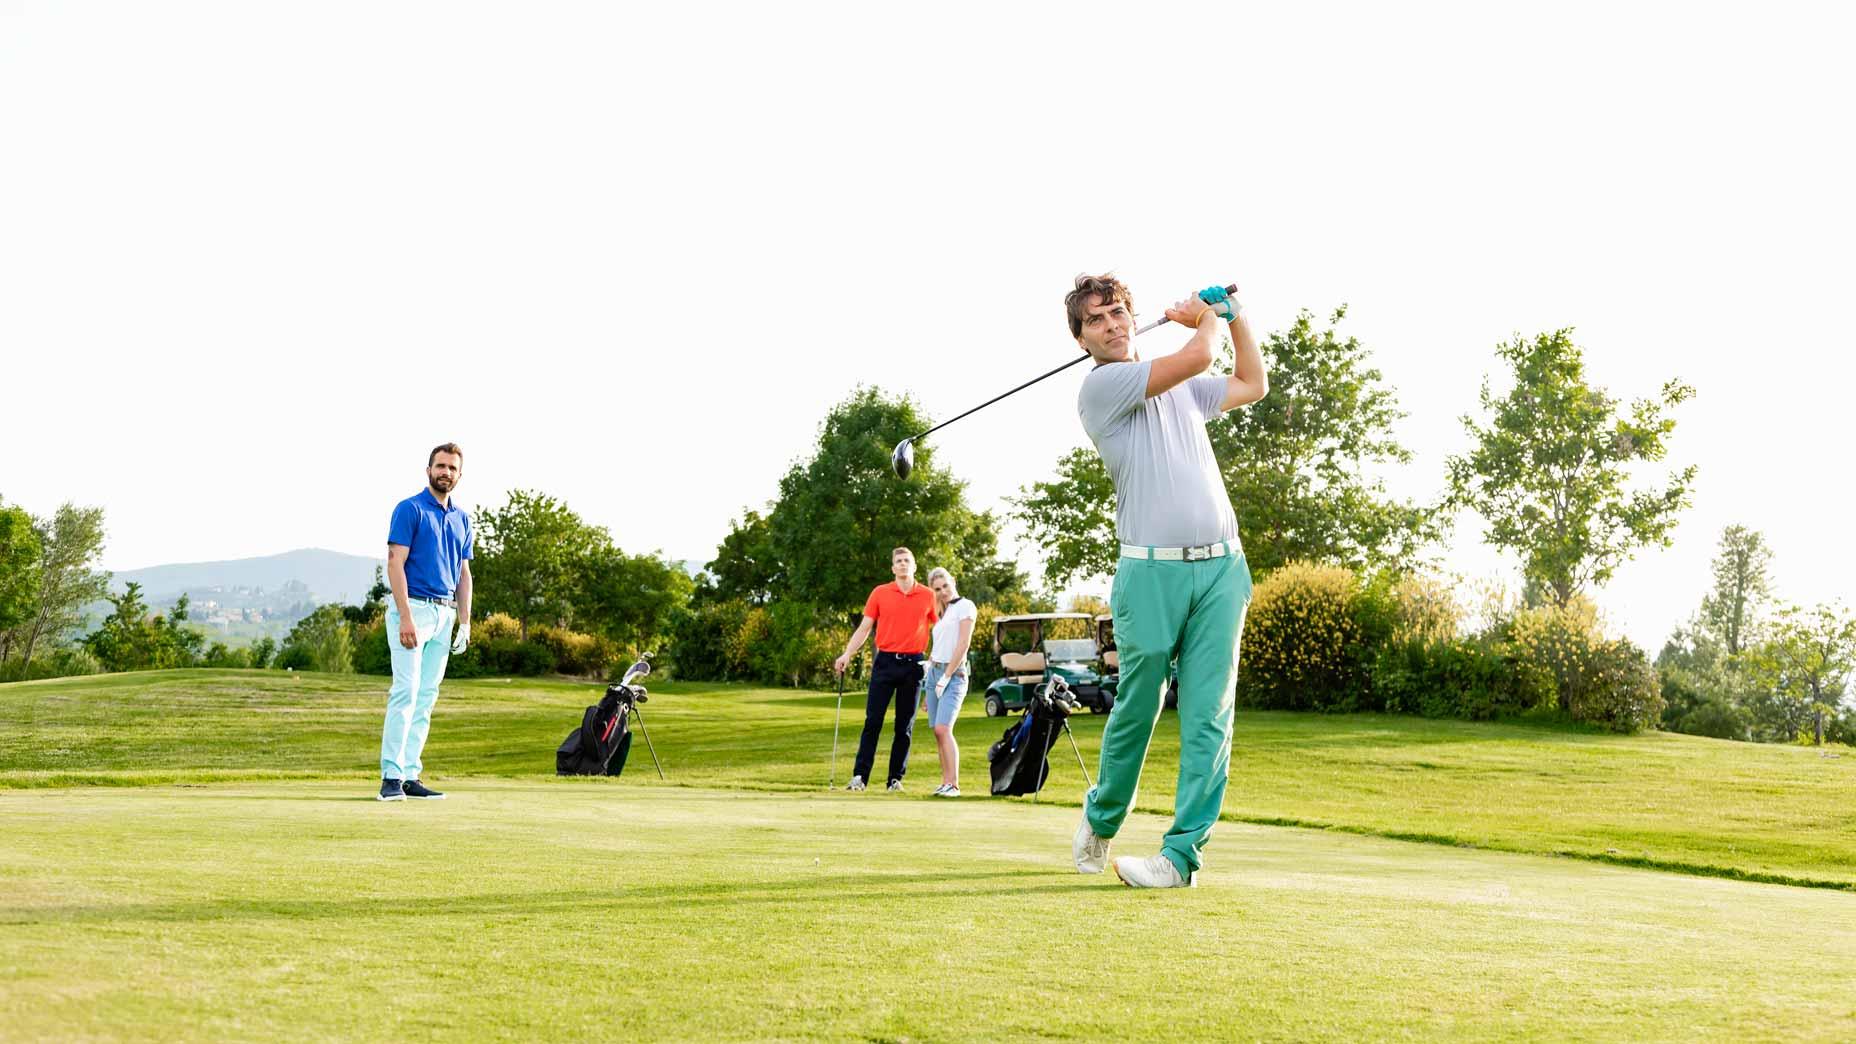 man hits golf ball